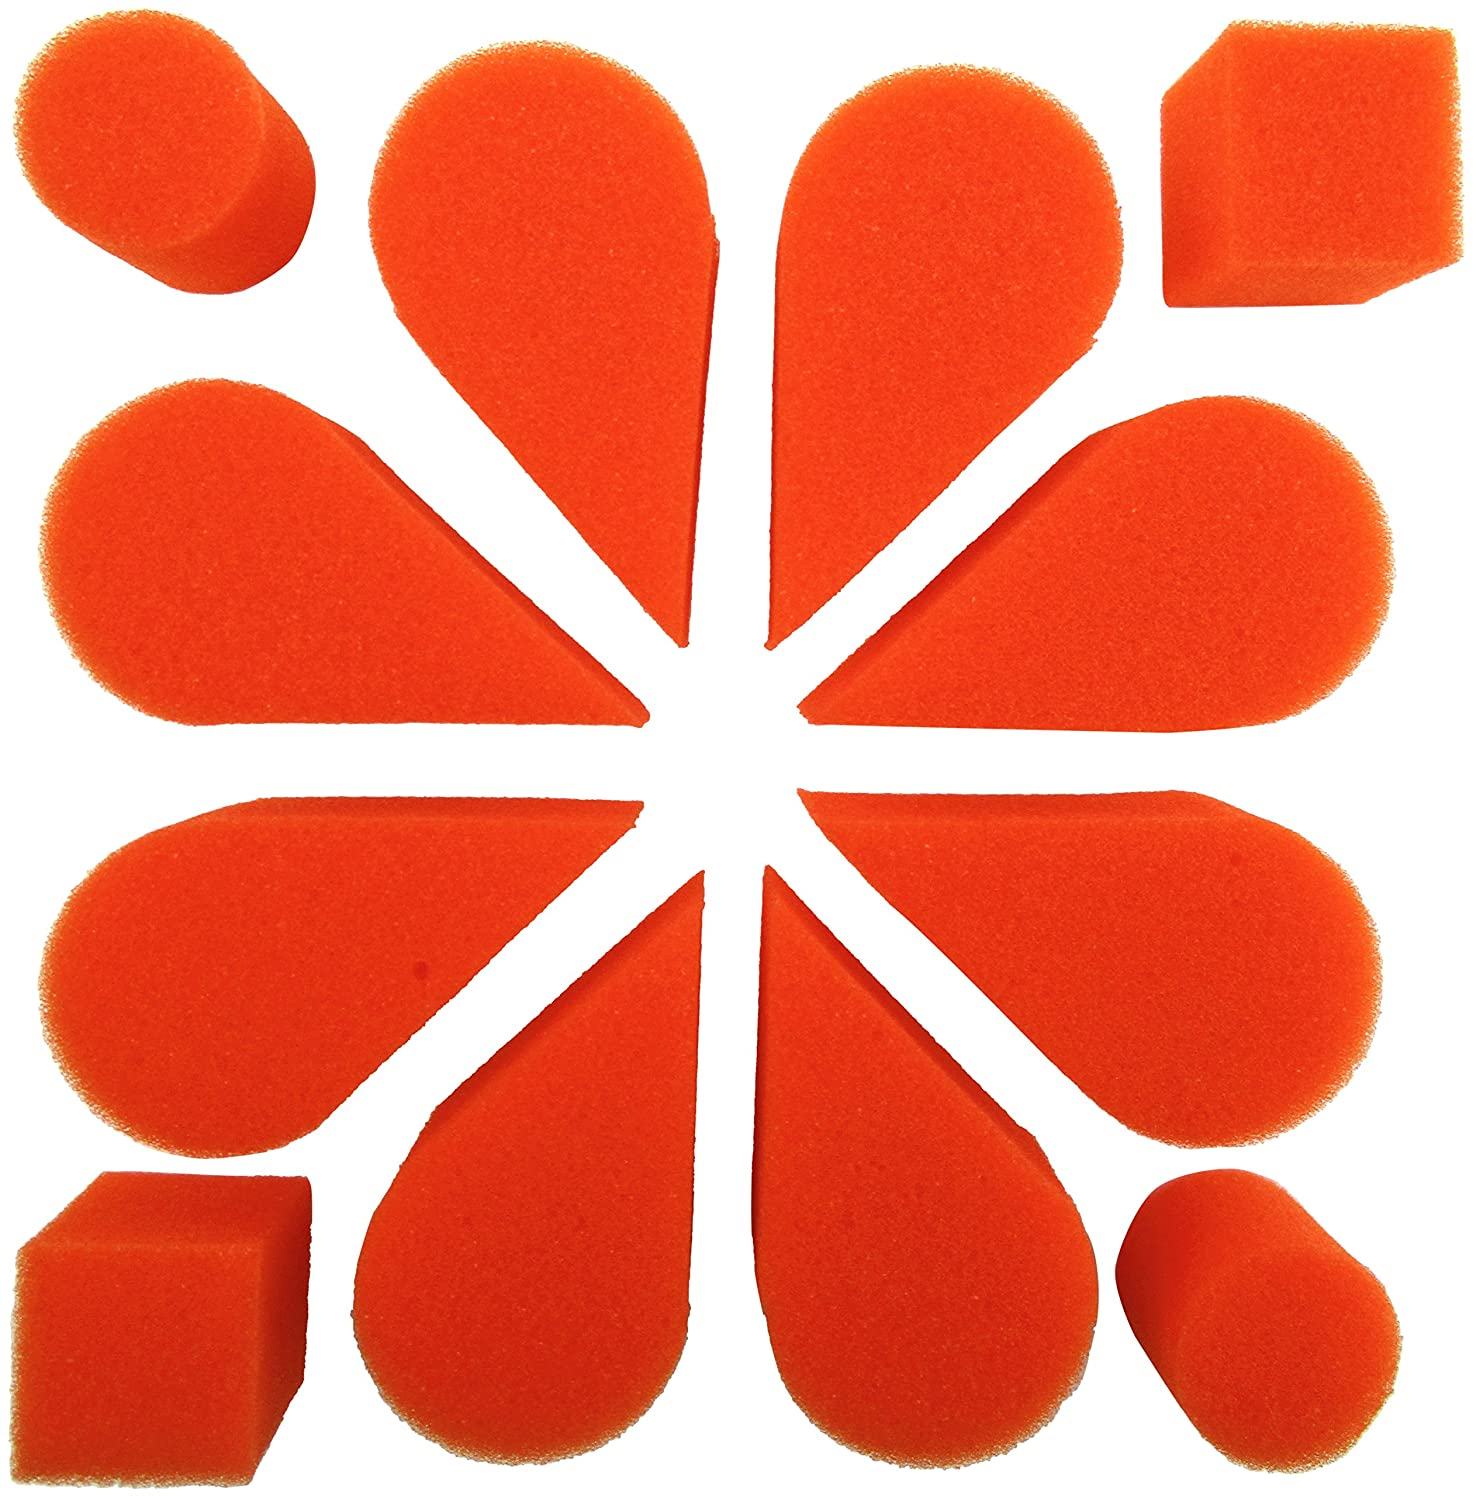 Ruby Red Paint, Inc. SPOPETOR Face Paint with Petal Sponge, 8 Pack, Orange, 2 Piece